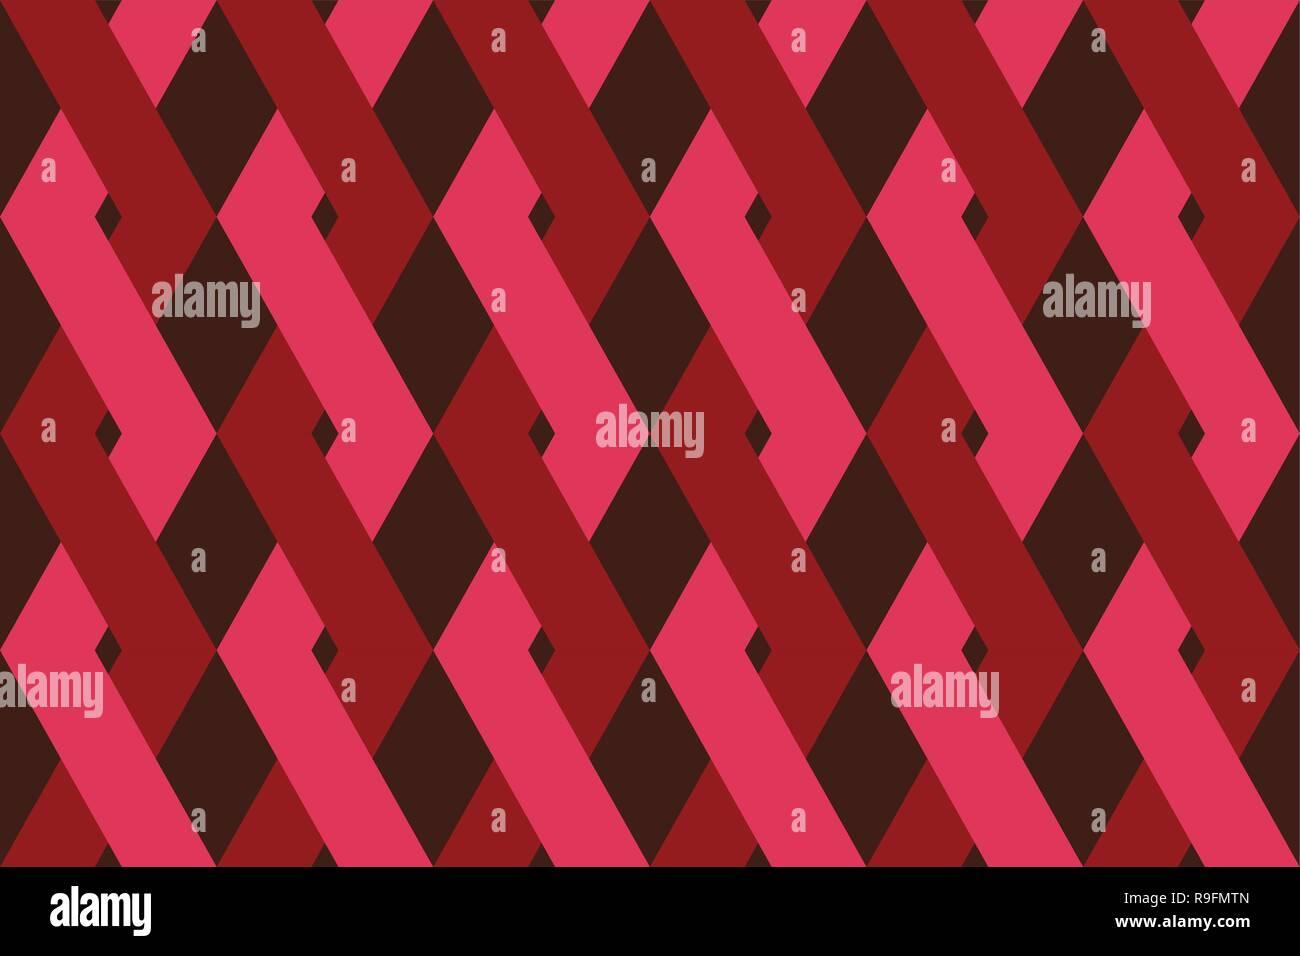 La trama de fondo abstracto, sin costuras hechas con entrelazados de formas geométricas en tonos de color rojo. Vector moderno art. Imagen De Stock